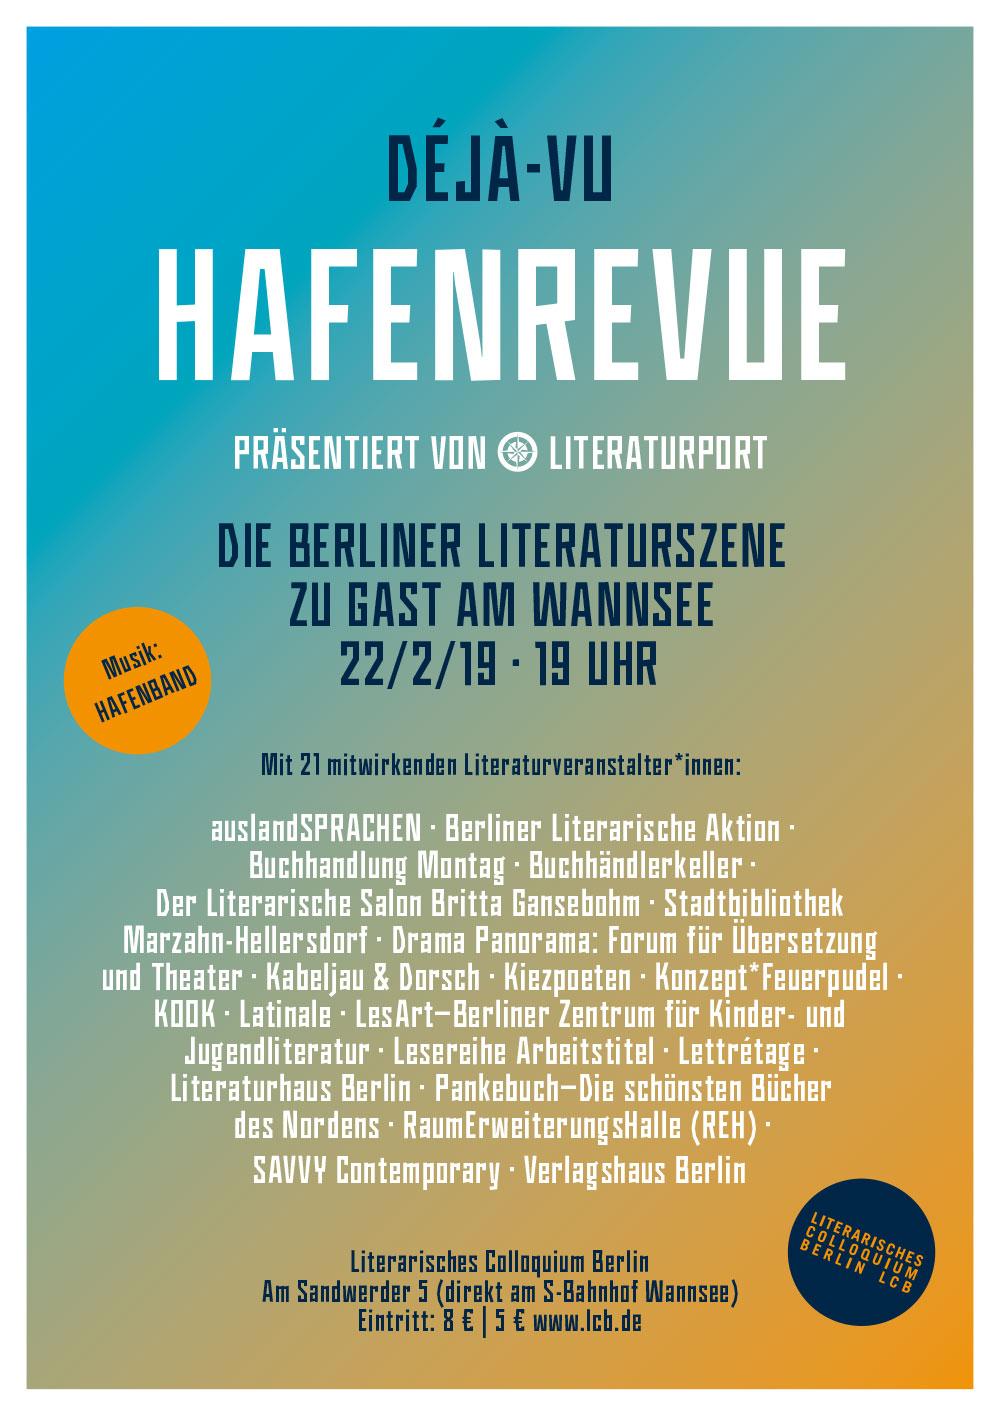 literaturport.de